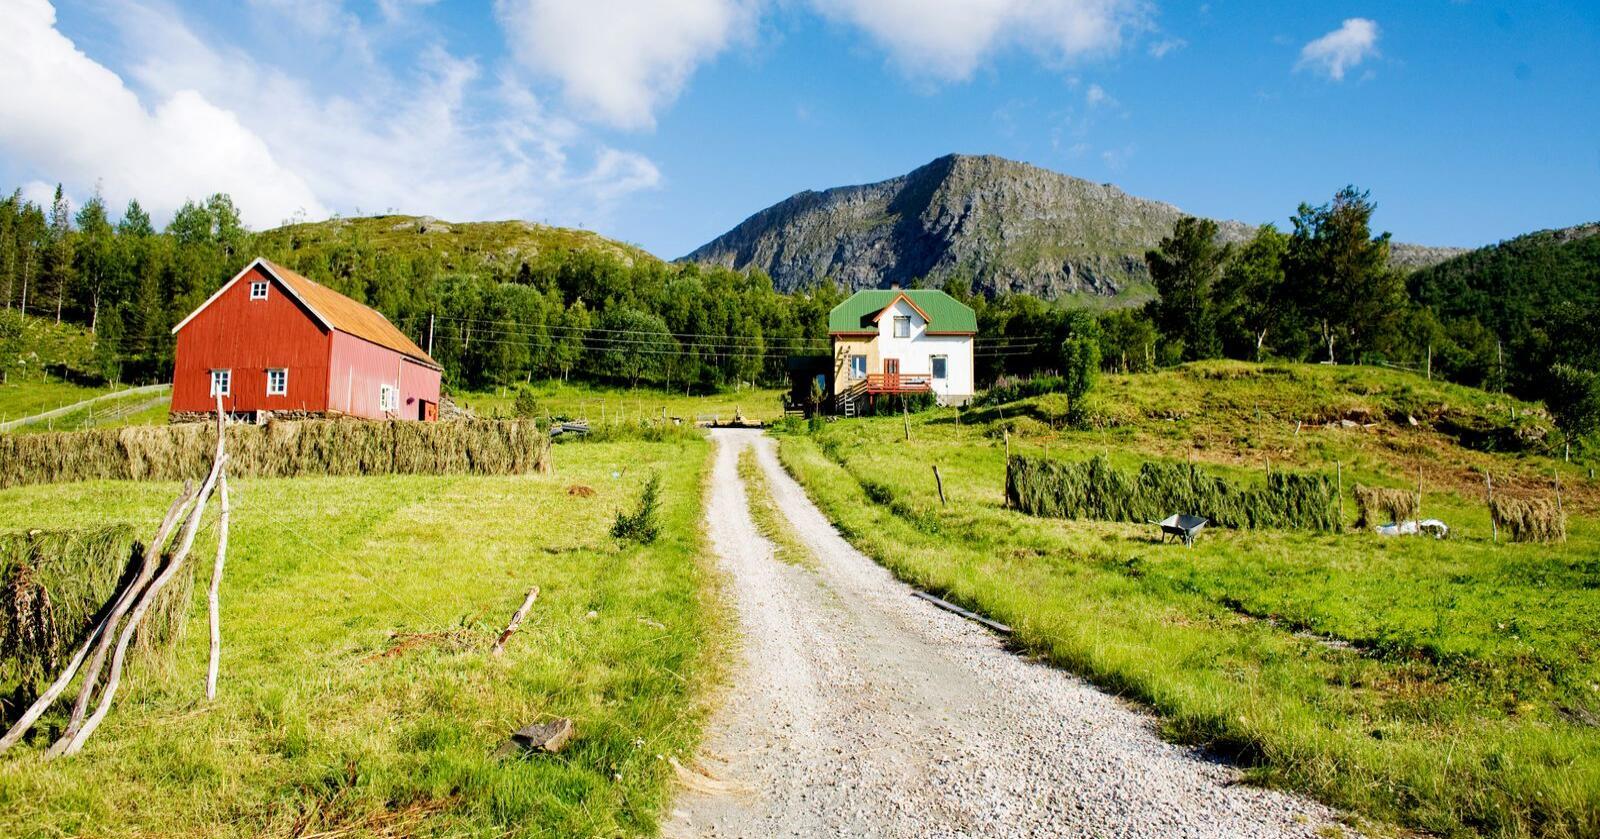 IDYLL: Mange drømmer om å bo på småbruk, men skal man lykkes, bør man ha både økonomien og kunnskapen på plass. Her fra Steigen i Nordland. Foto: Kyrre Lien / NTB